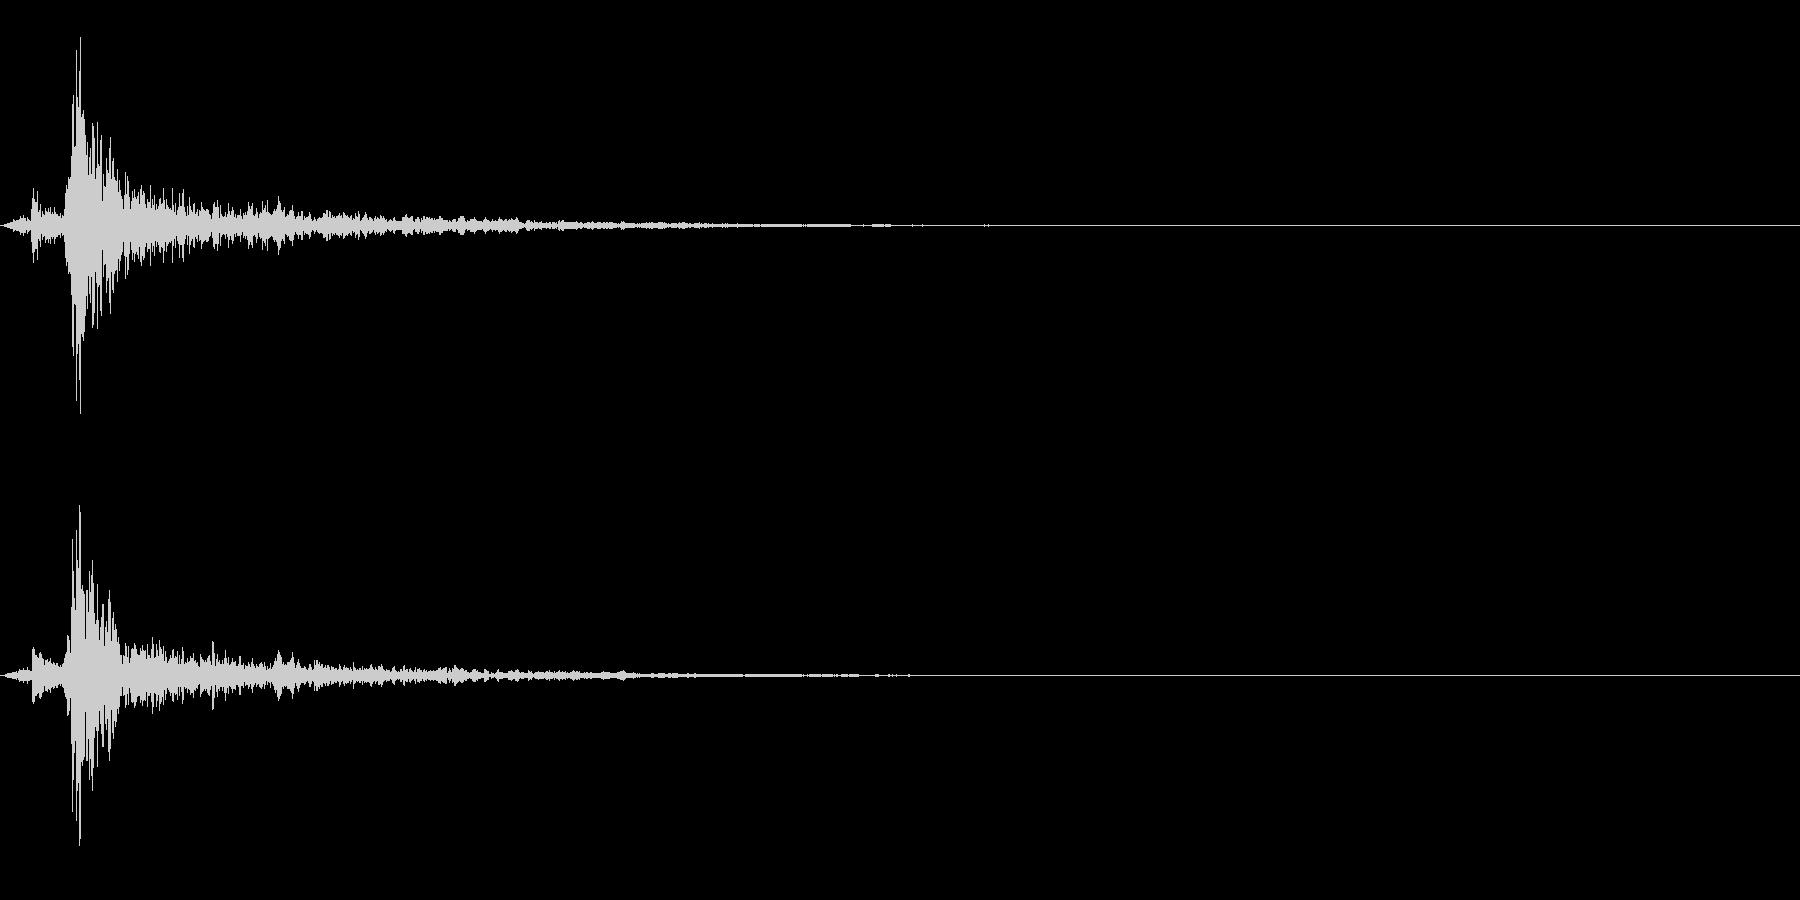 スポーン:ビールの瓶の栓を抜く音の未再生の波形